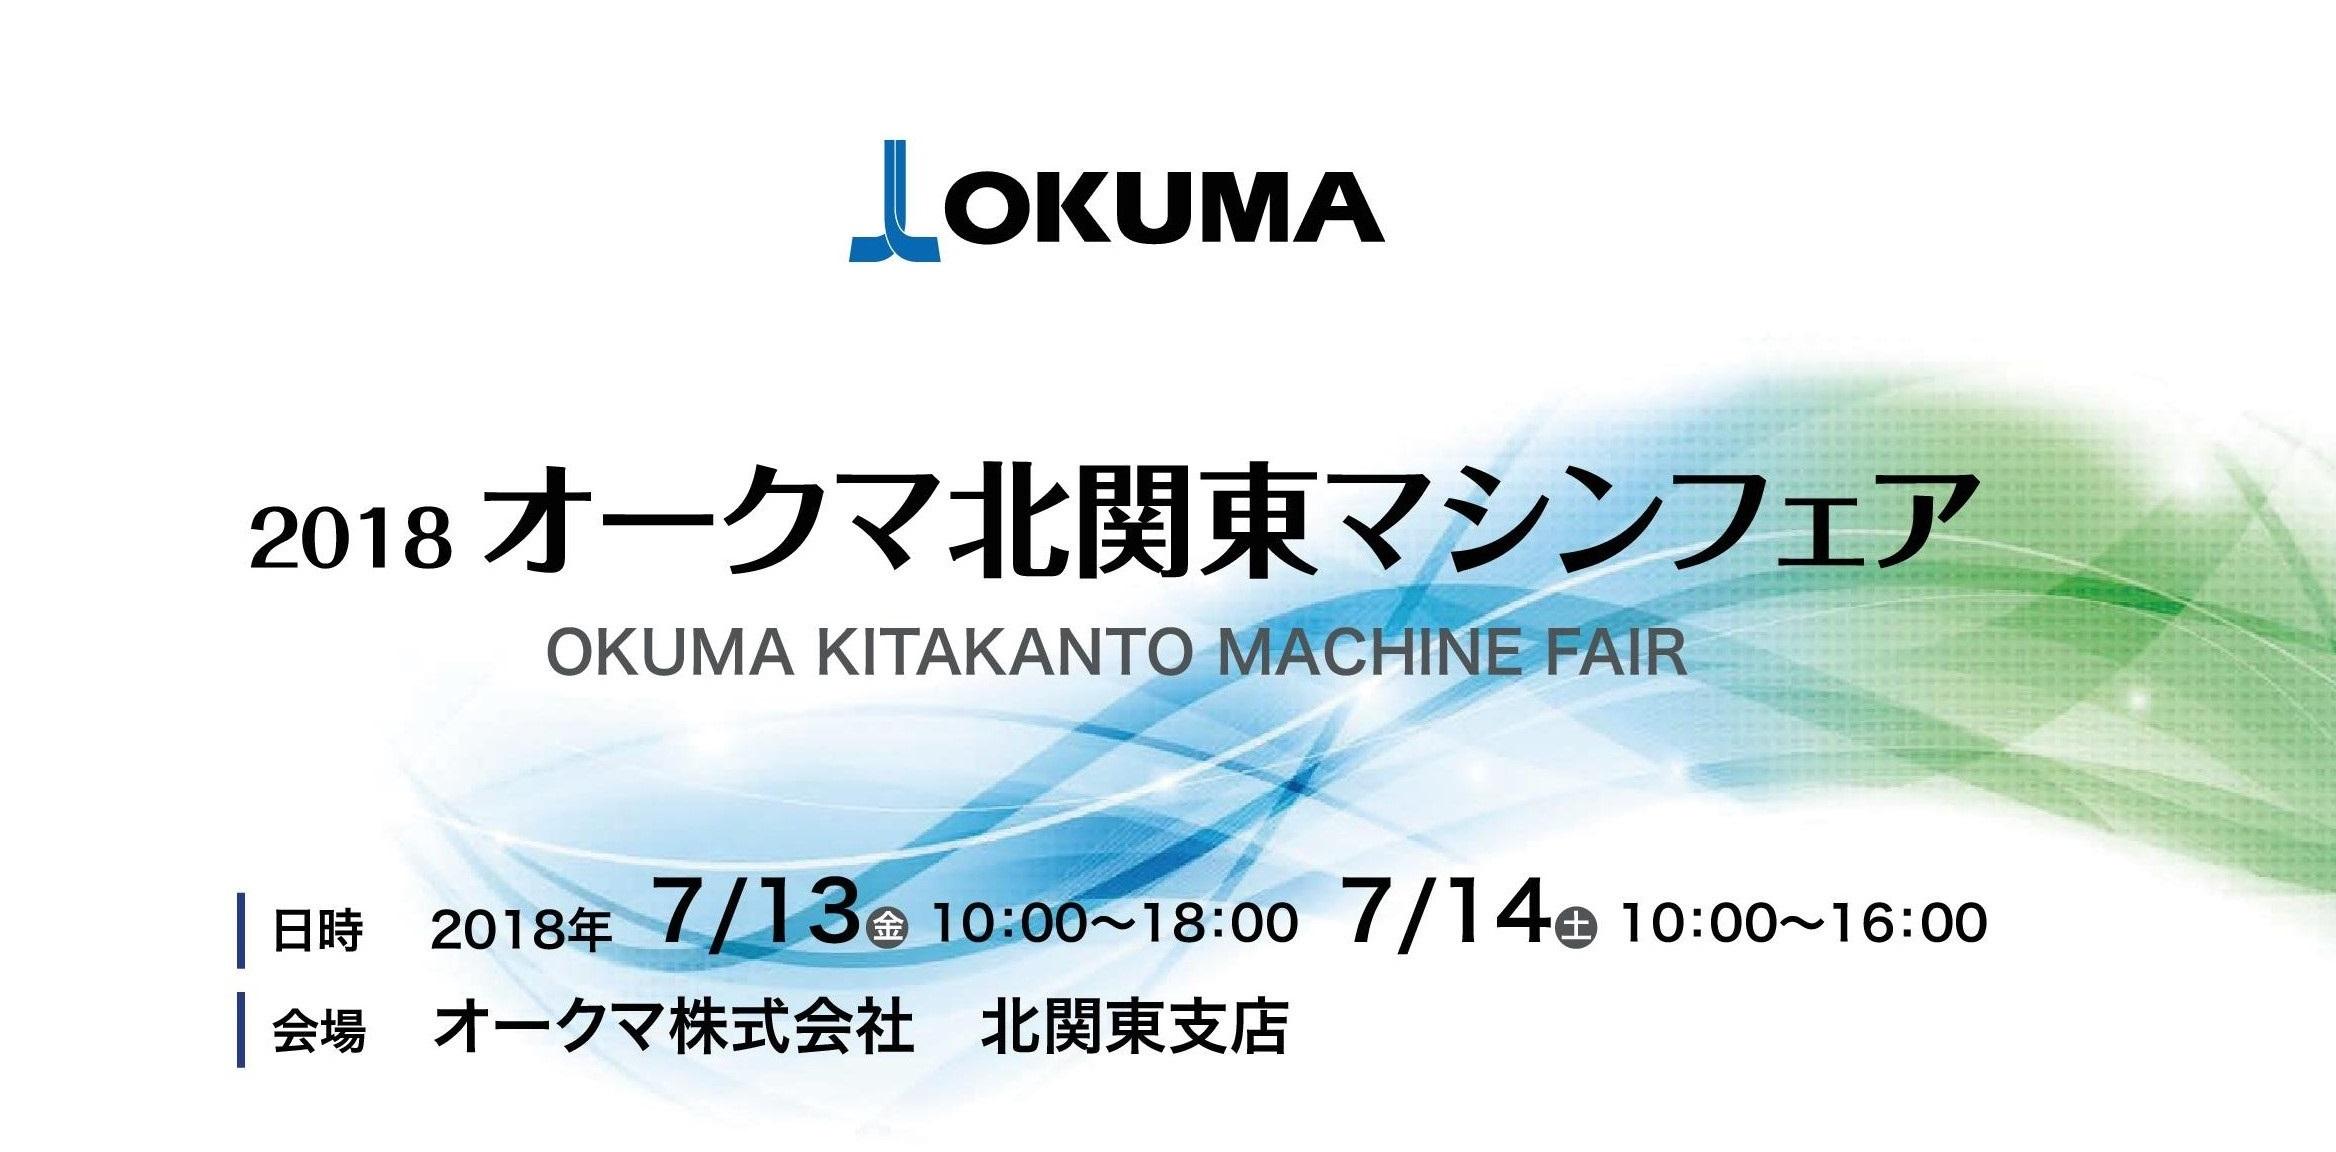 7月開催「2018オークマ北関東マシンフェア」展示会のお知らせ